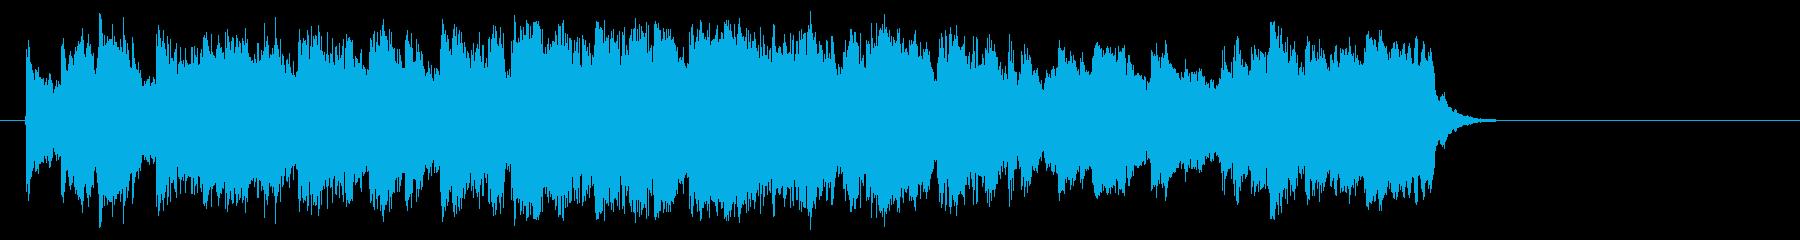 懐かしの歌謡ジャズ風楽曲(サビ)の再生済みの波形